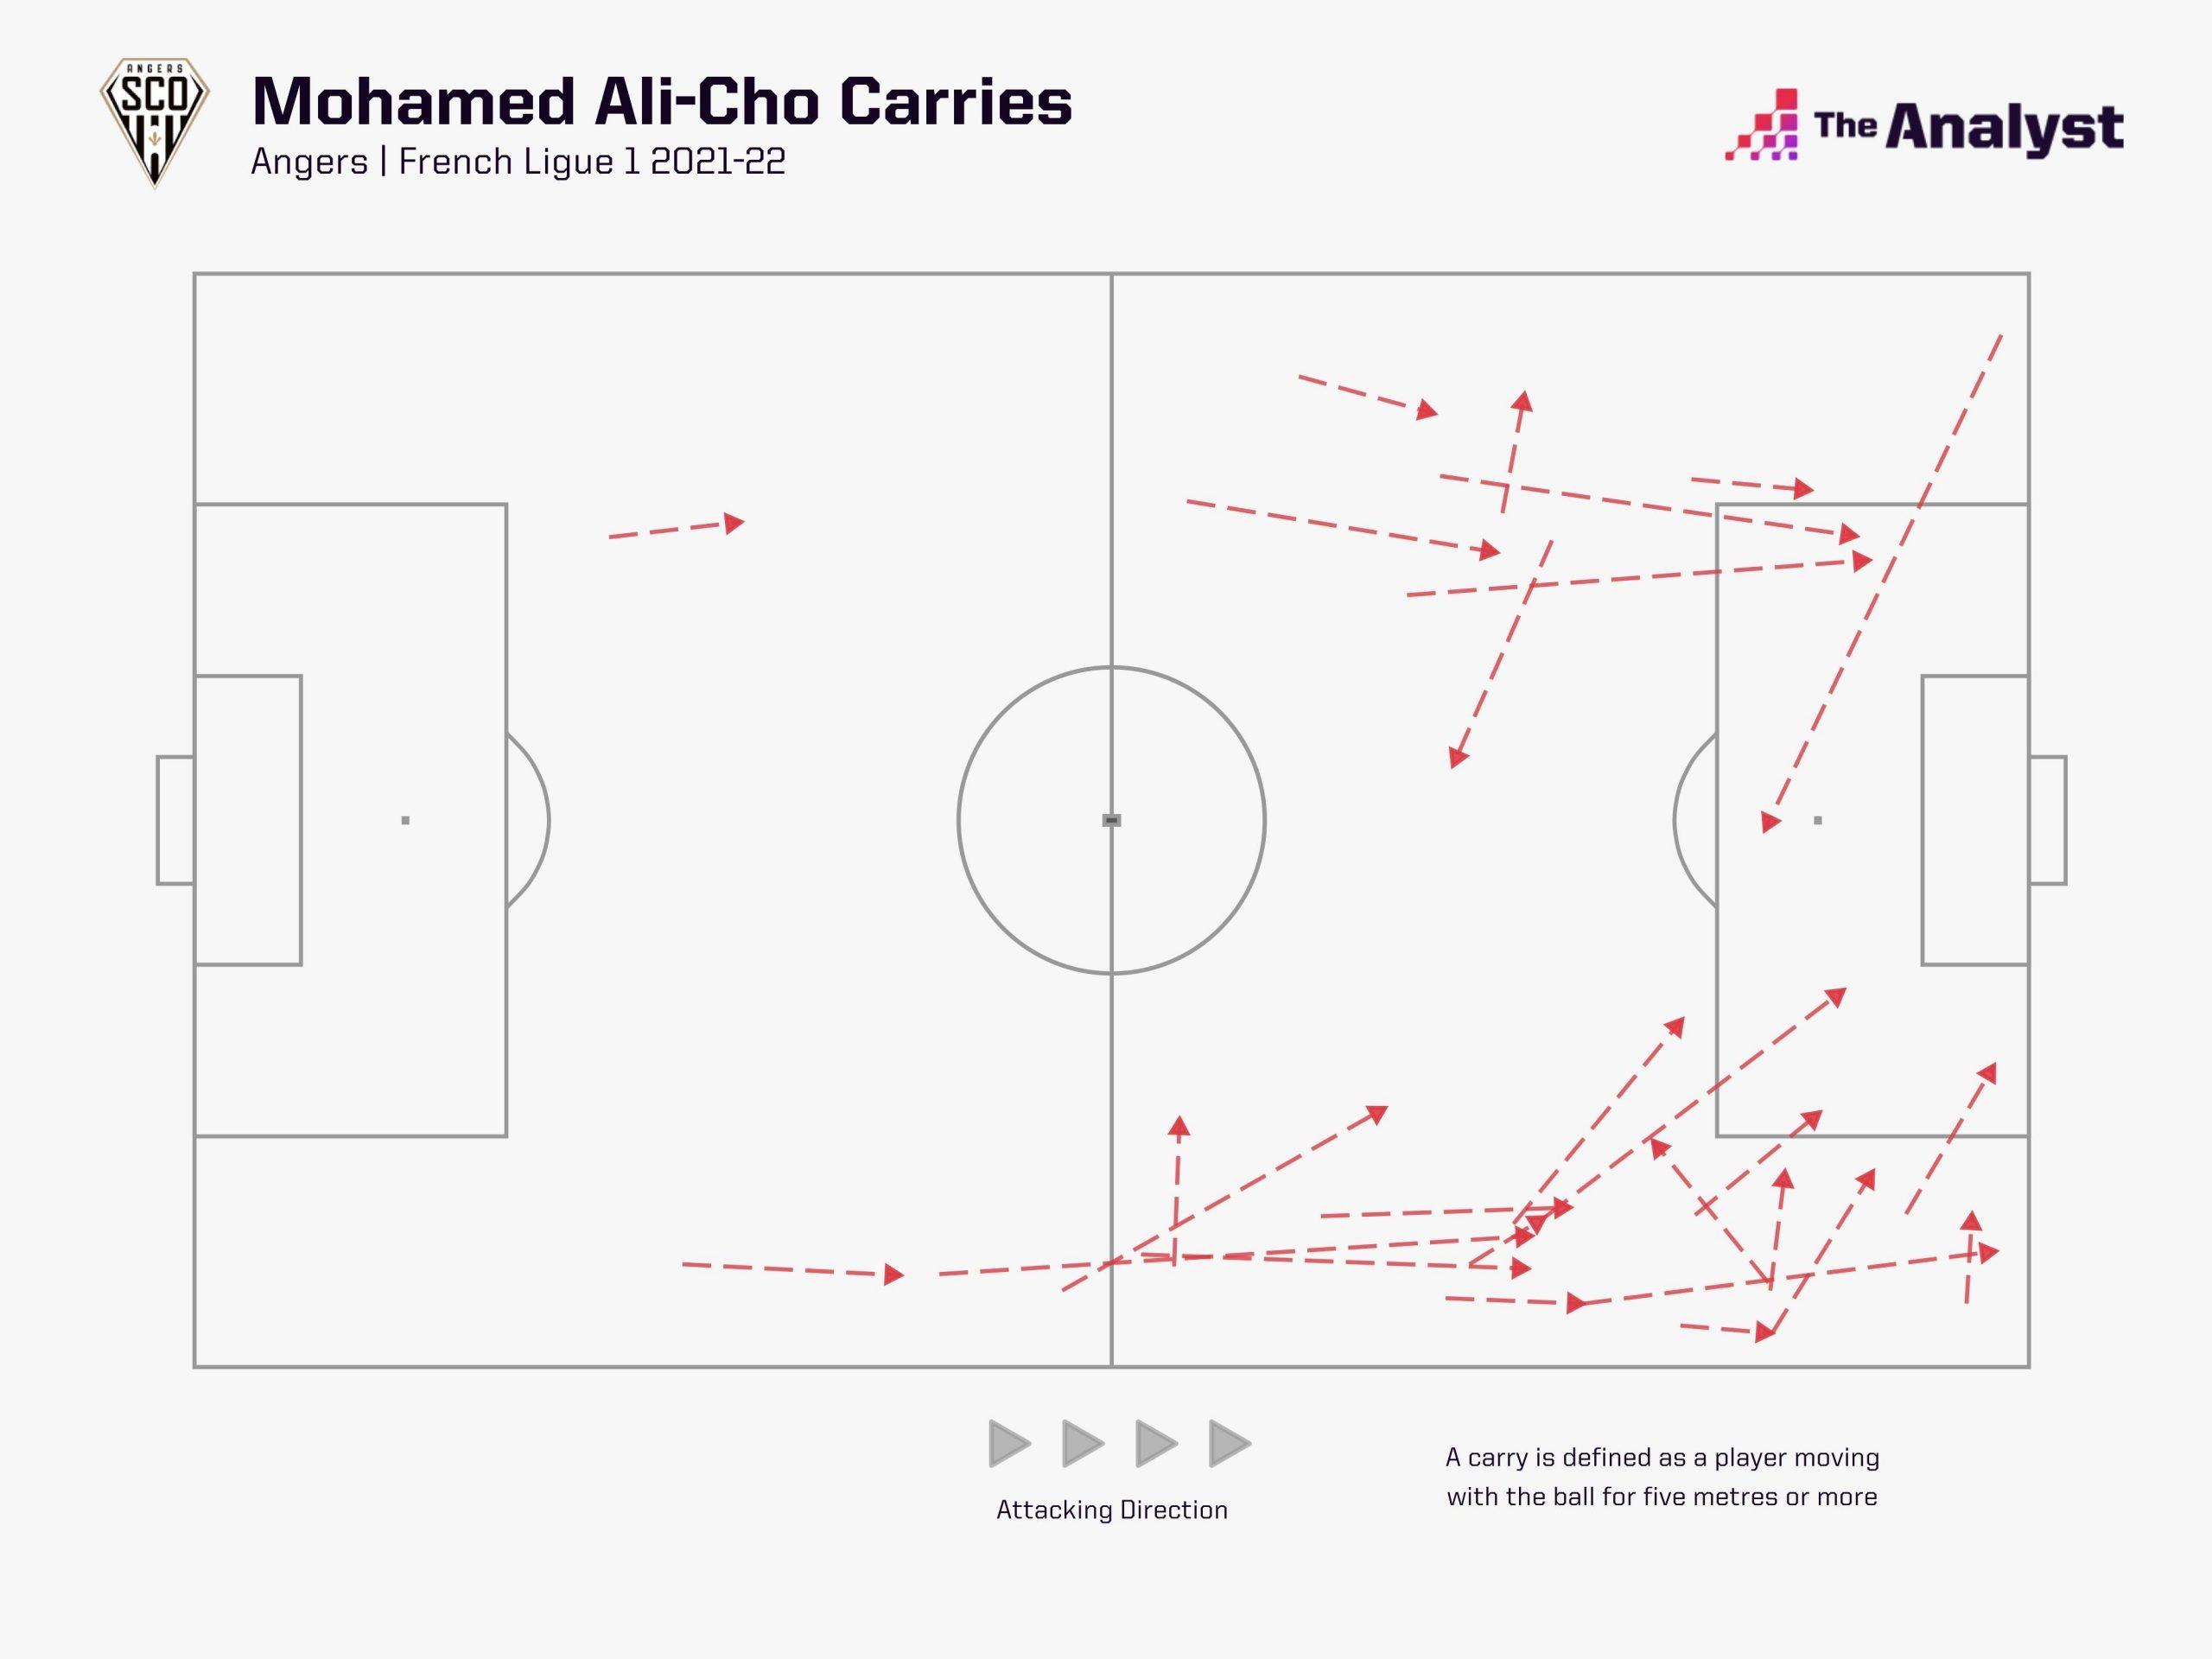 Mohamed Ali-Cho Carries